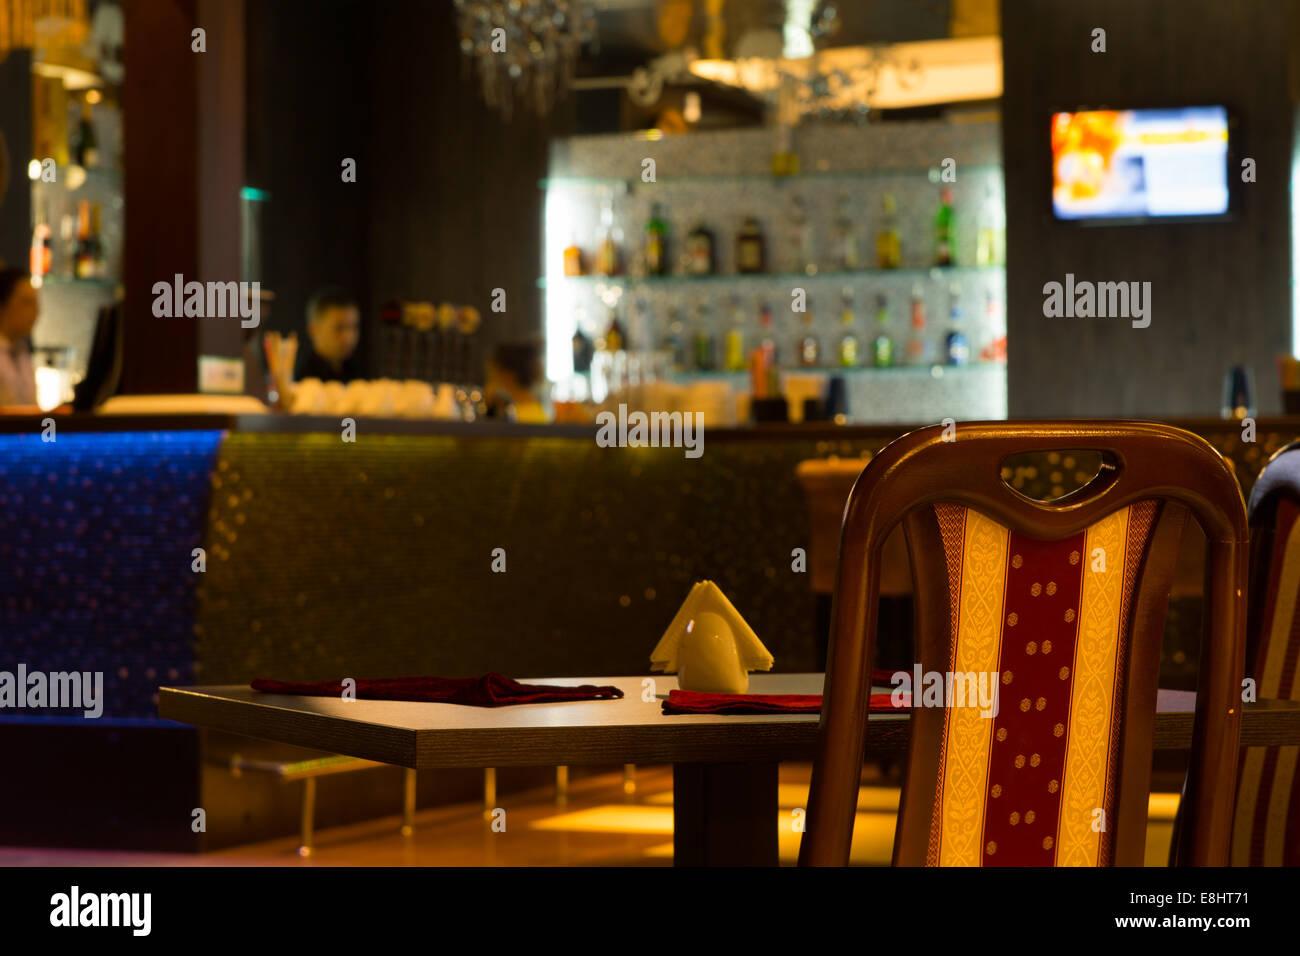 Barroom Stockfotos & Barroom Bilder - Alamy